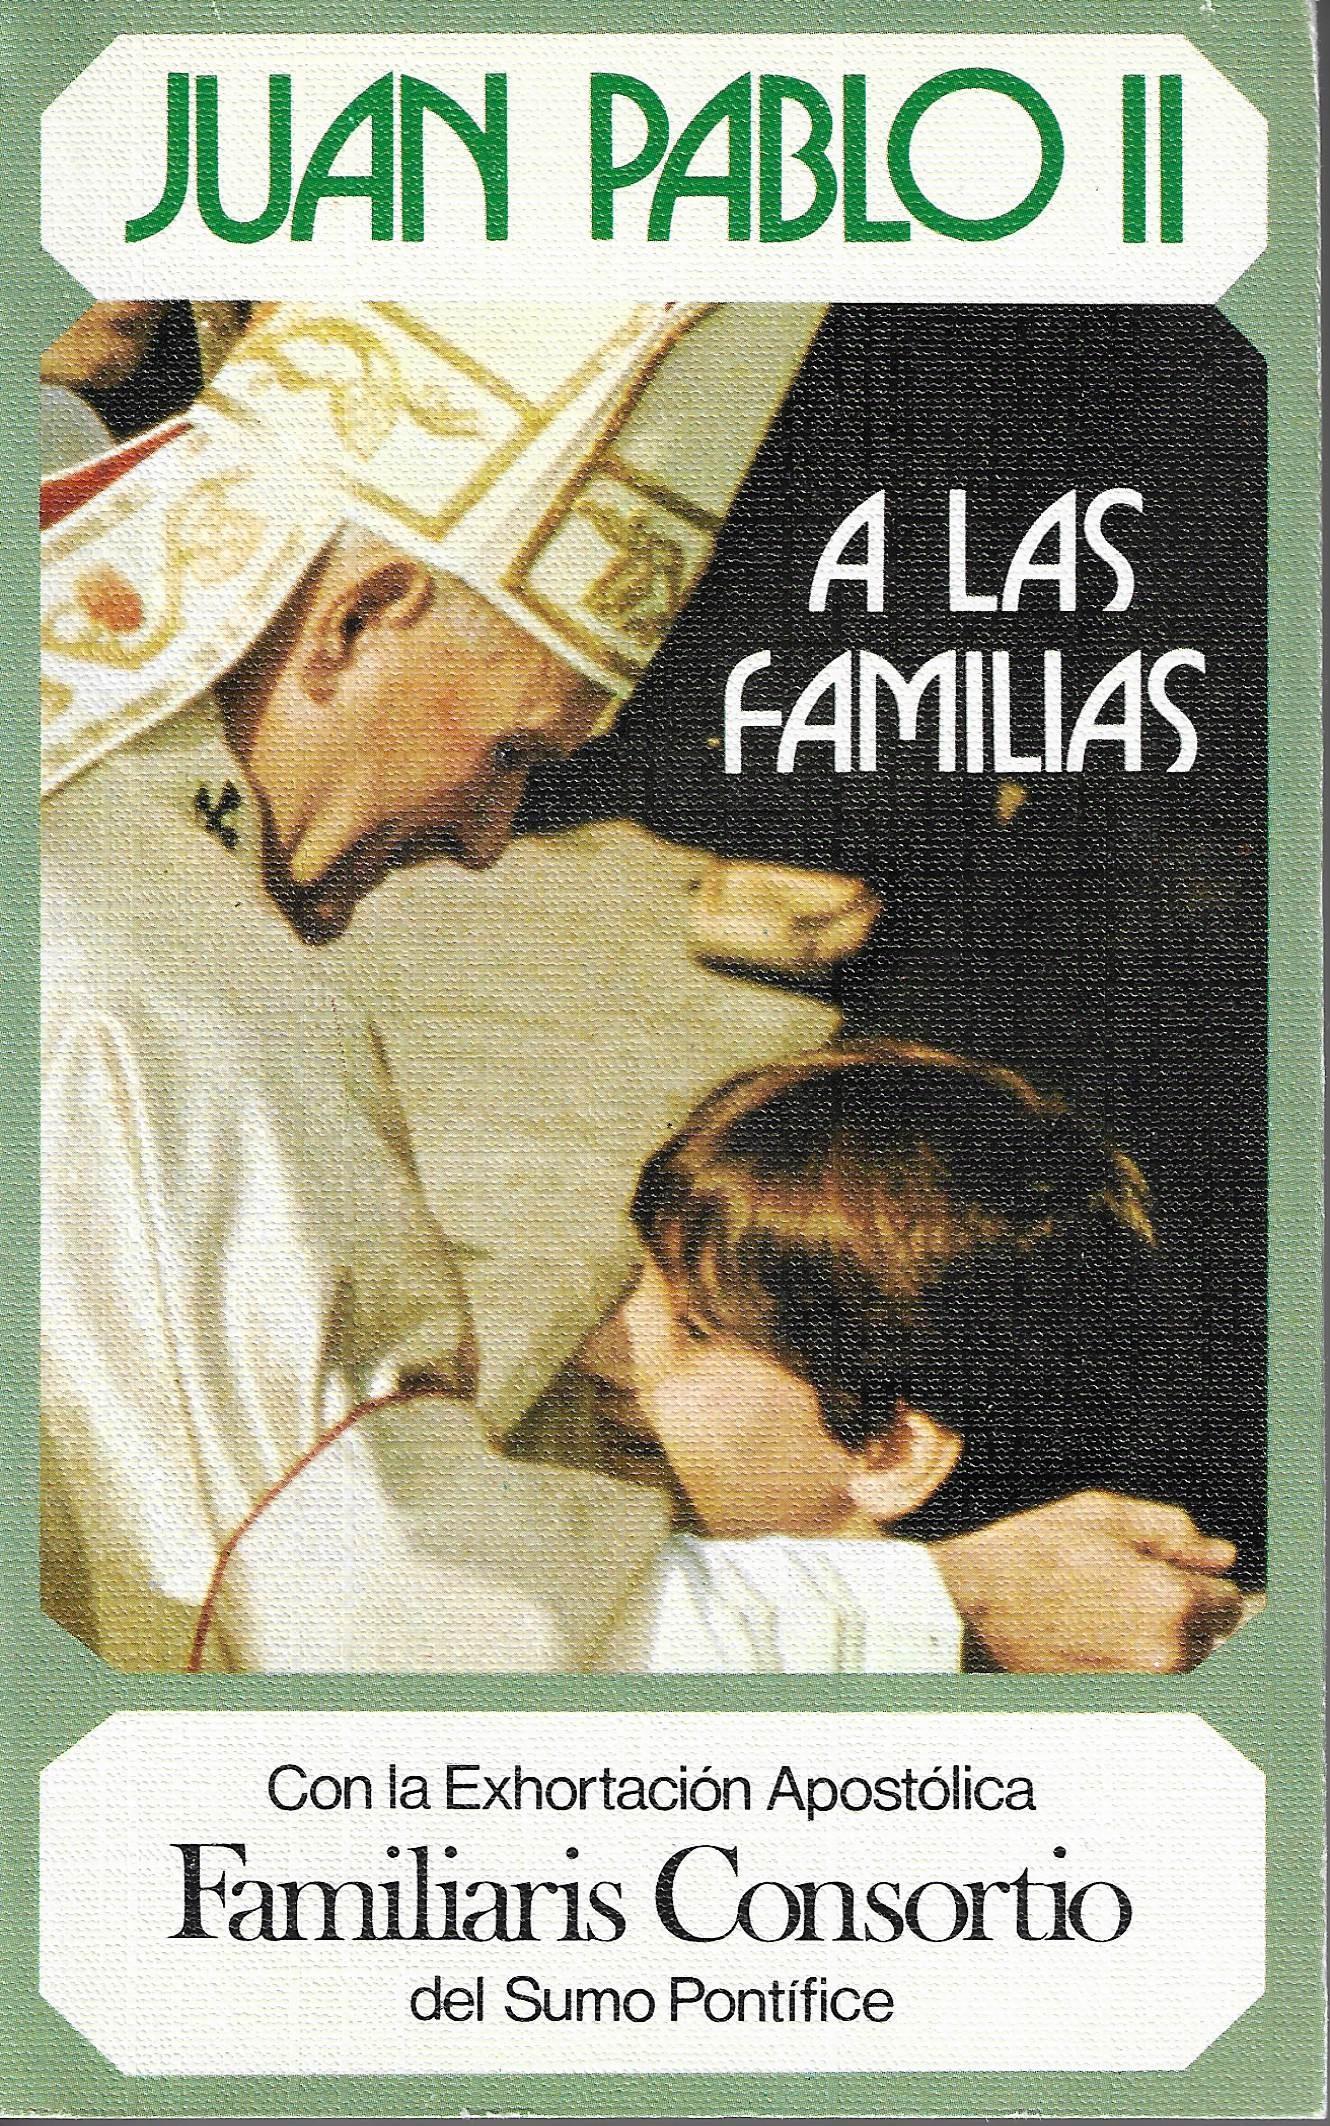 Juan Pablo II a las familias